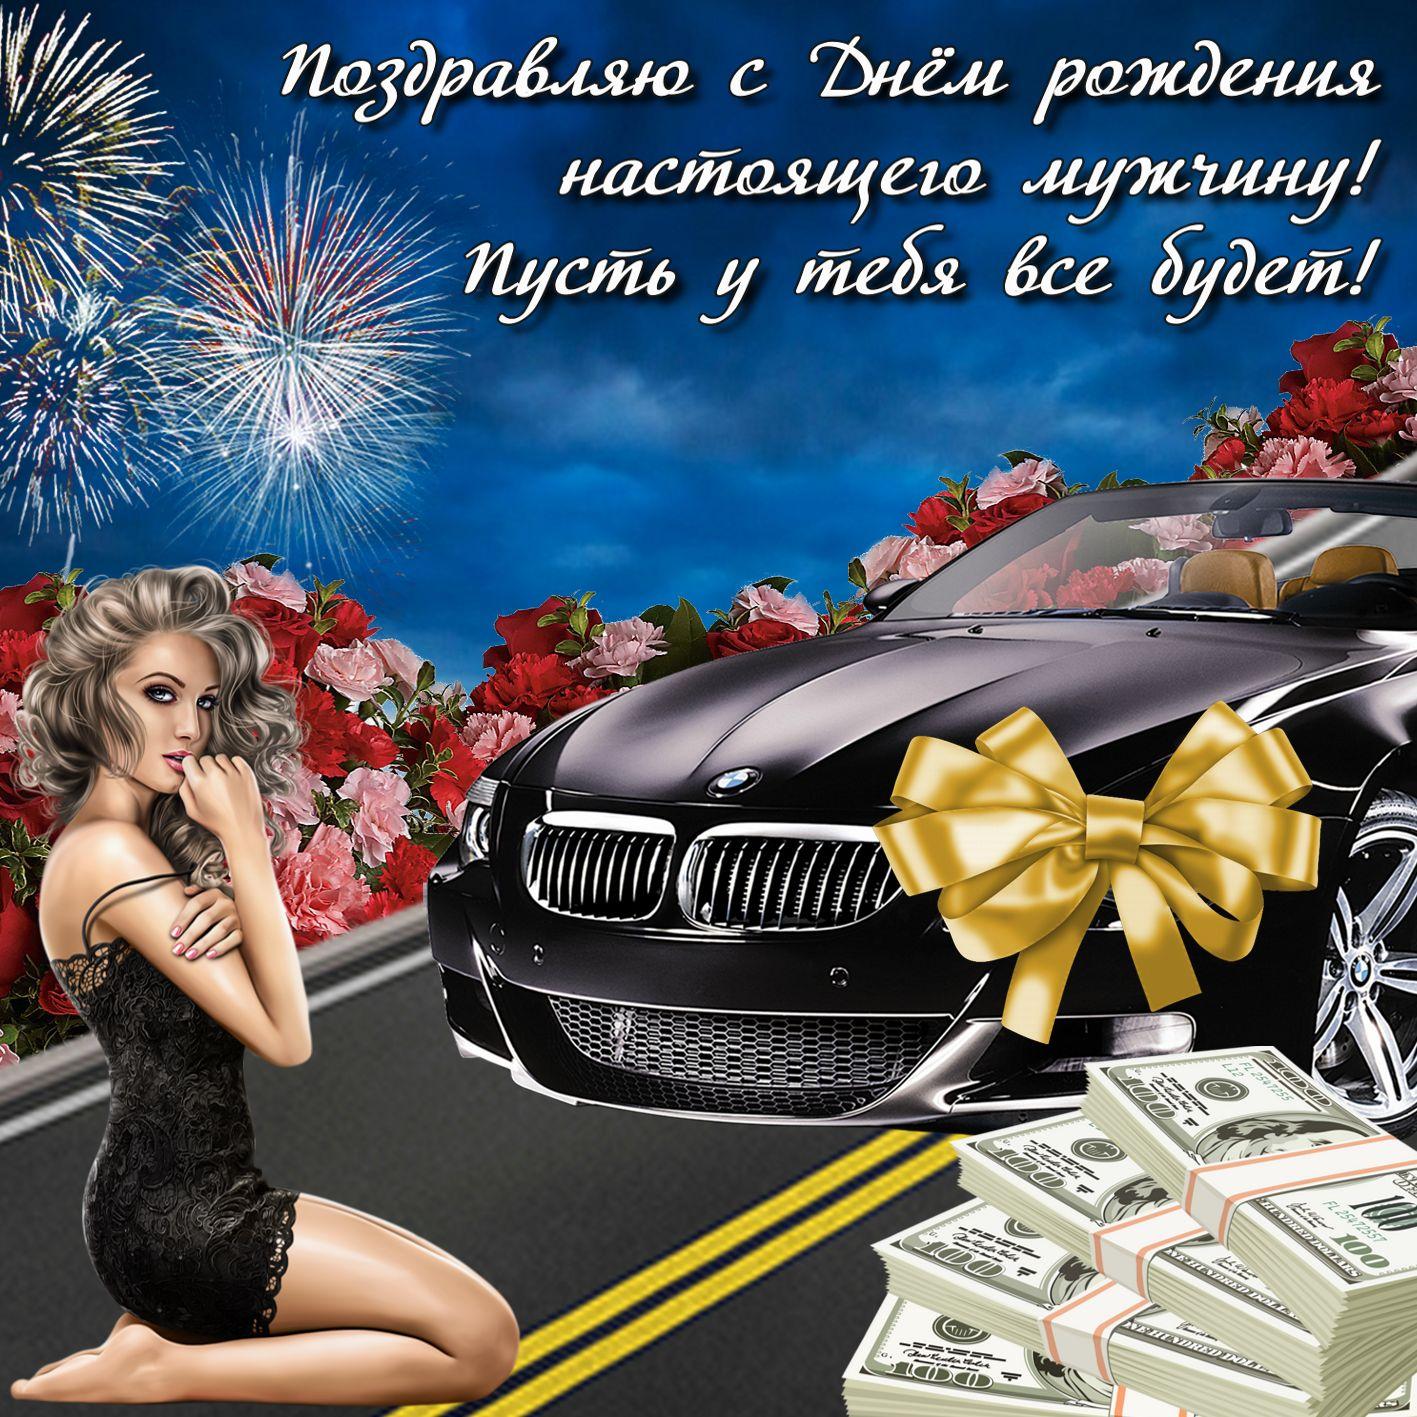 Стильная картинка с девушкой у машины на День рождения